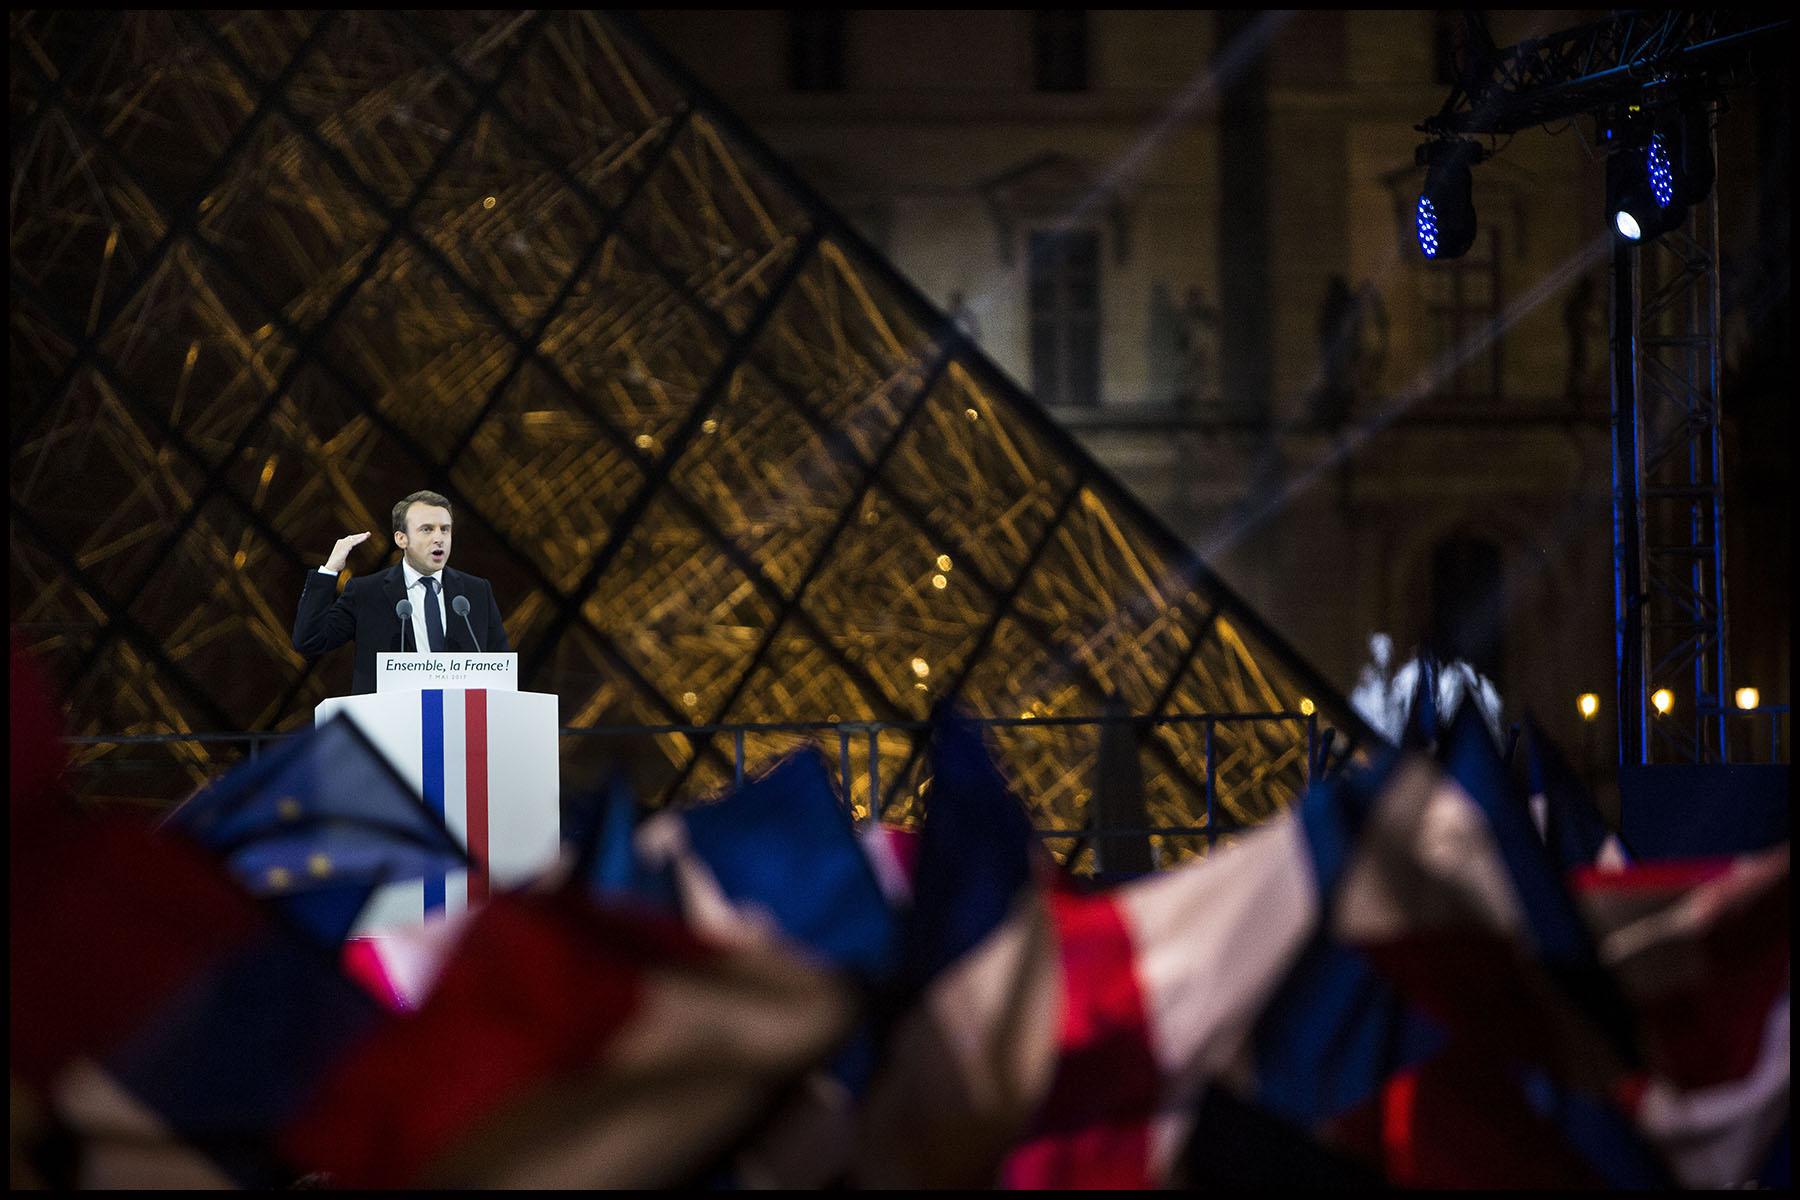 Emmanuel MACRON à la pyramide du Louvre pour fêter sa victoire à l'élection présidentielle.